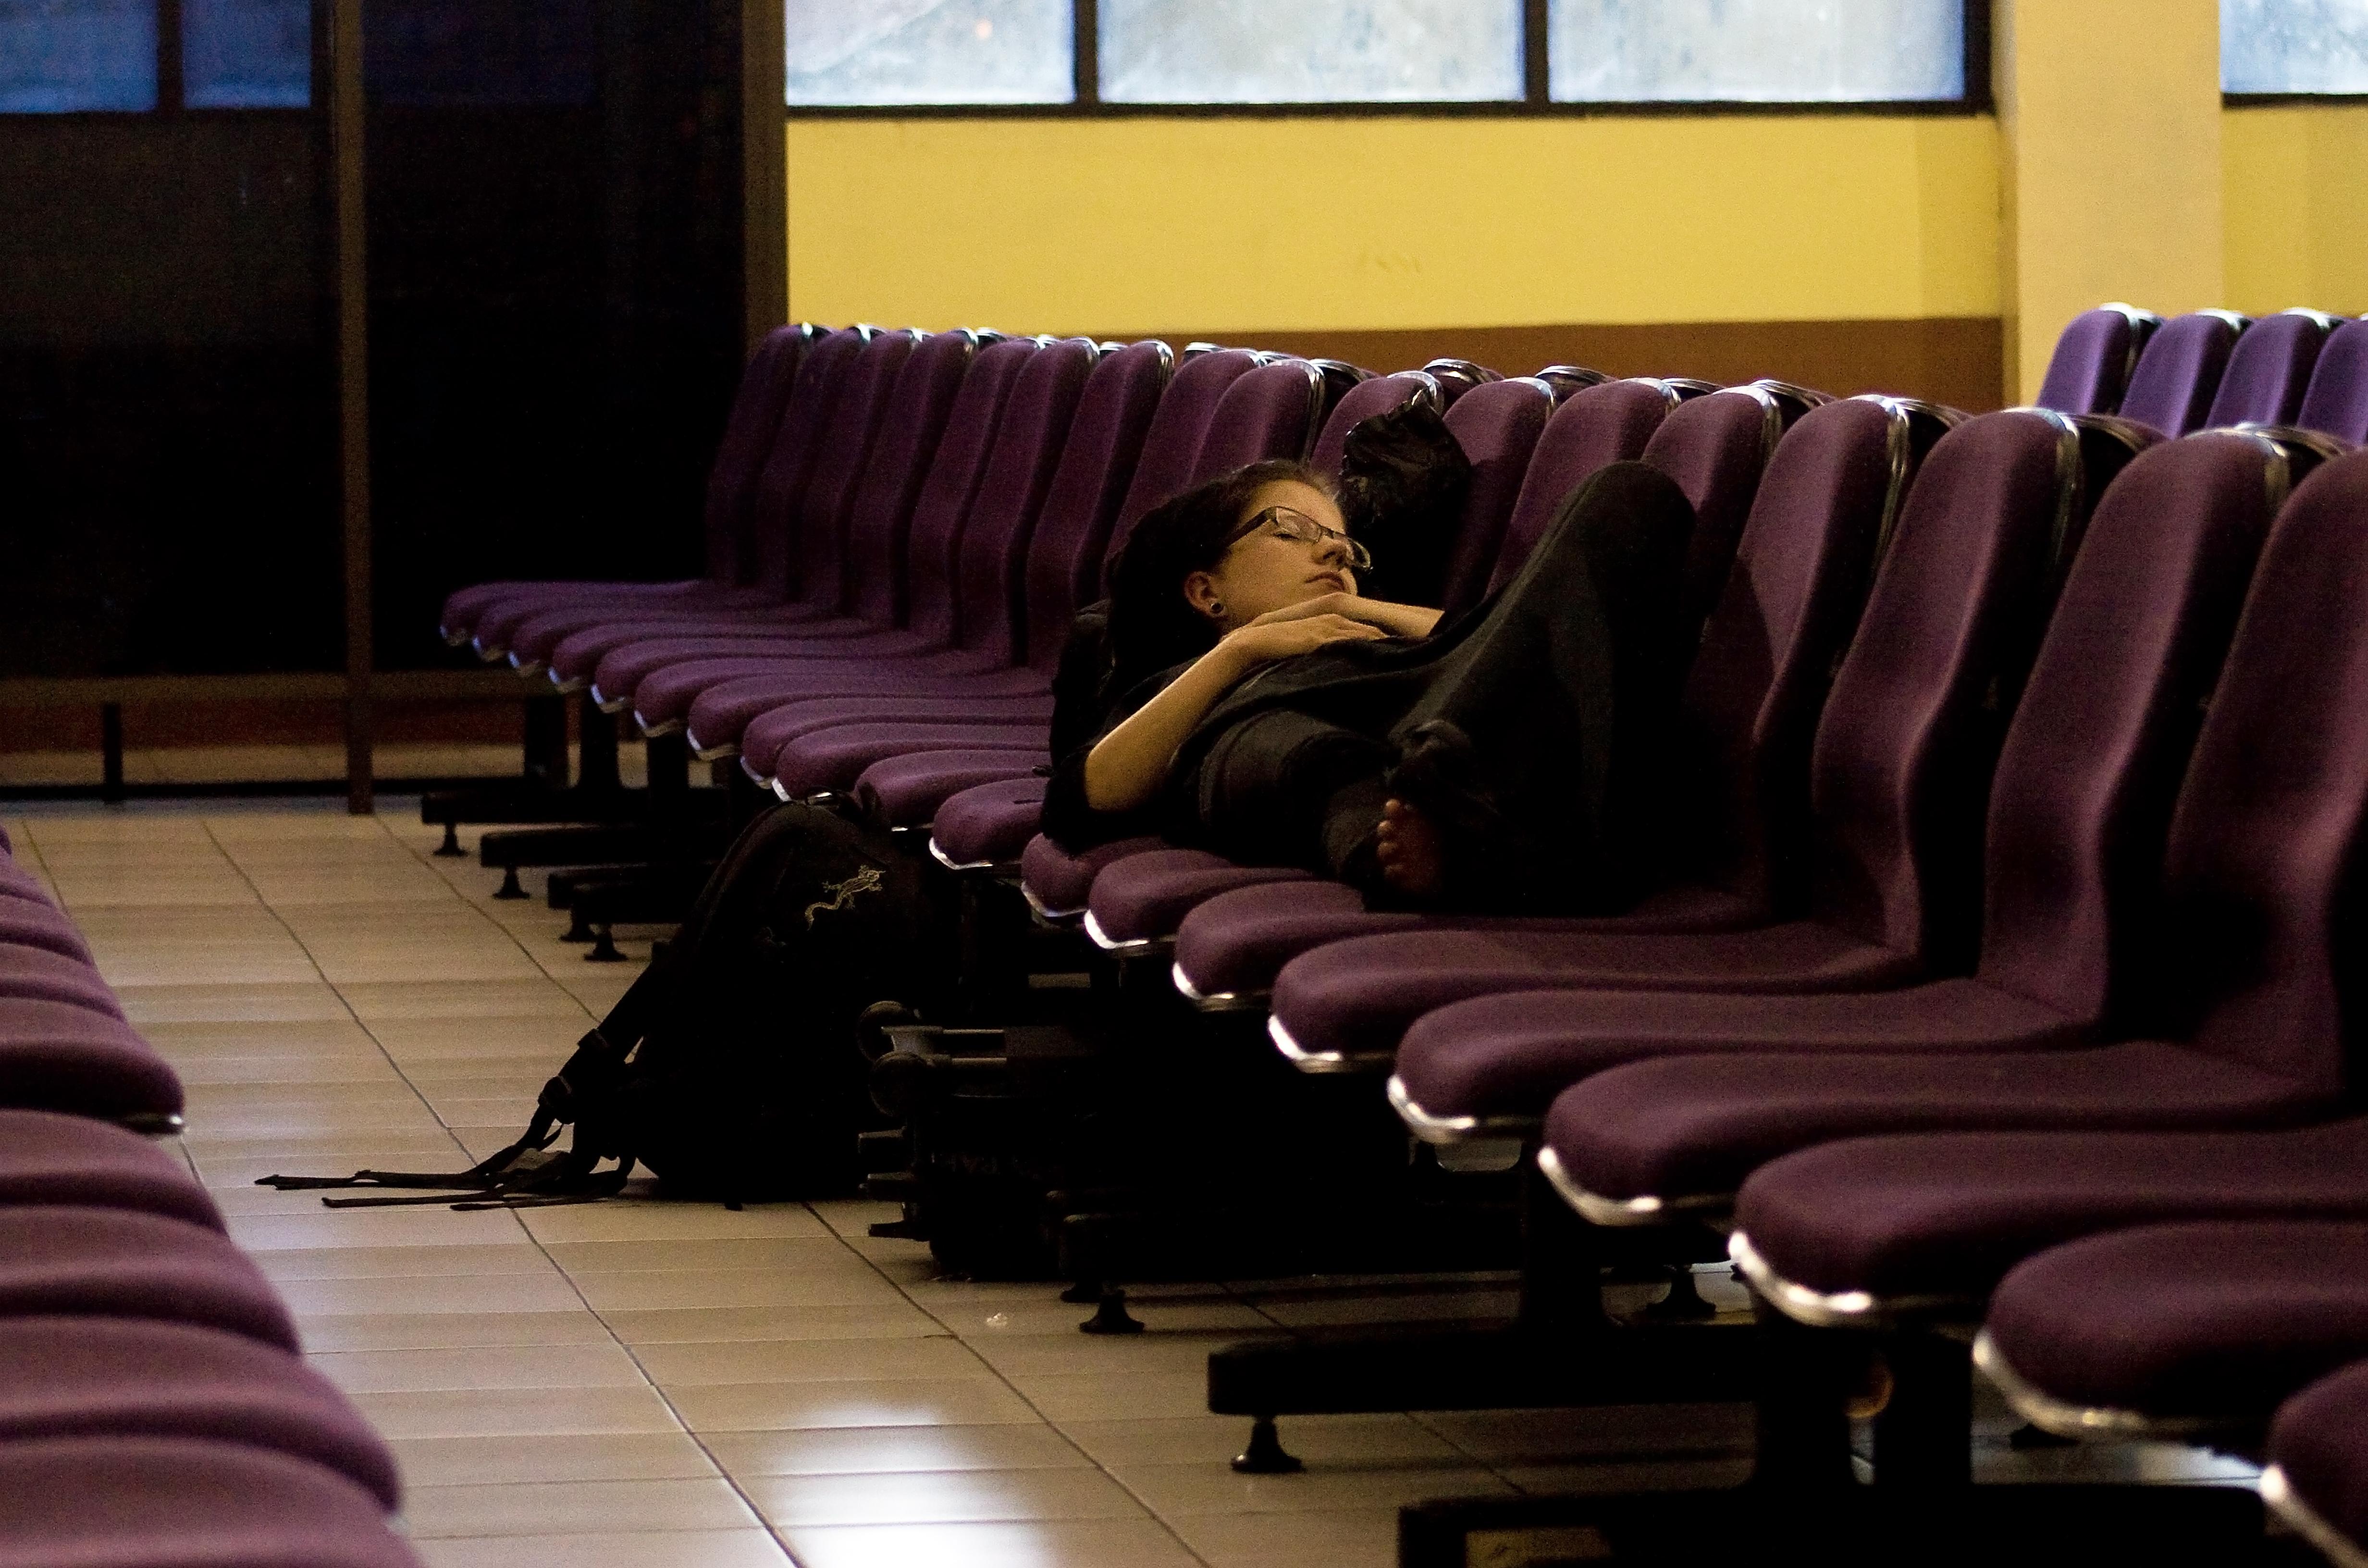 Un exemplu de paturi primitoare ce te așteaptă prin aeroporturi.